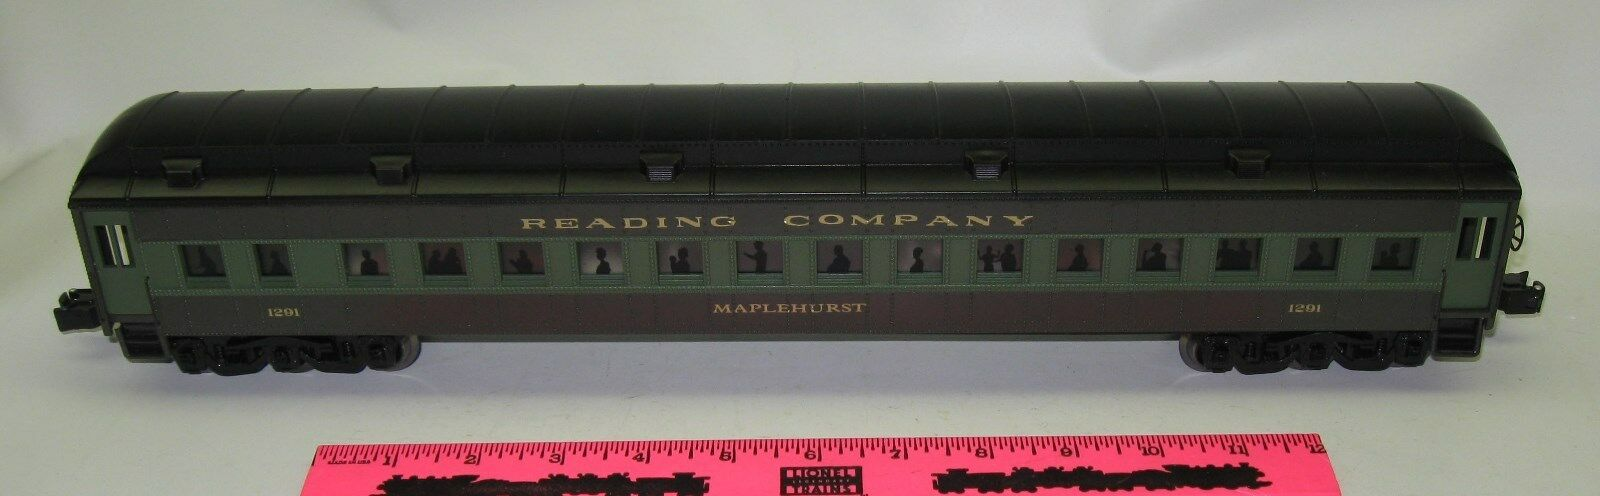 K-Line Reading Company  1291 Maplehurst  Passenger Car